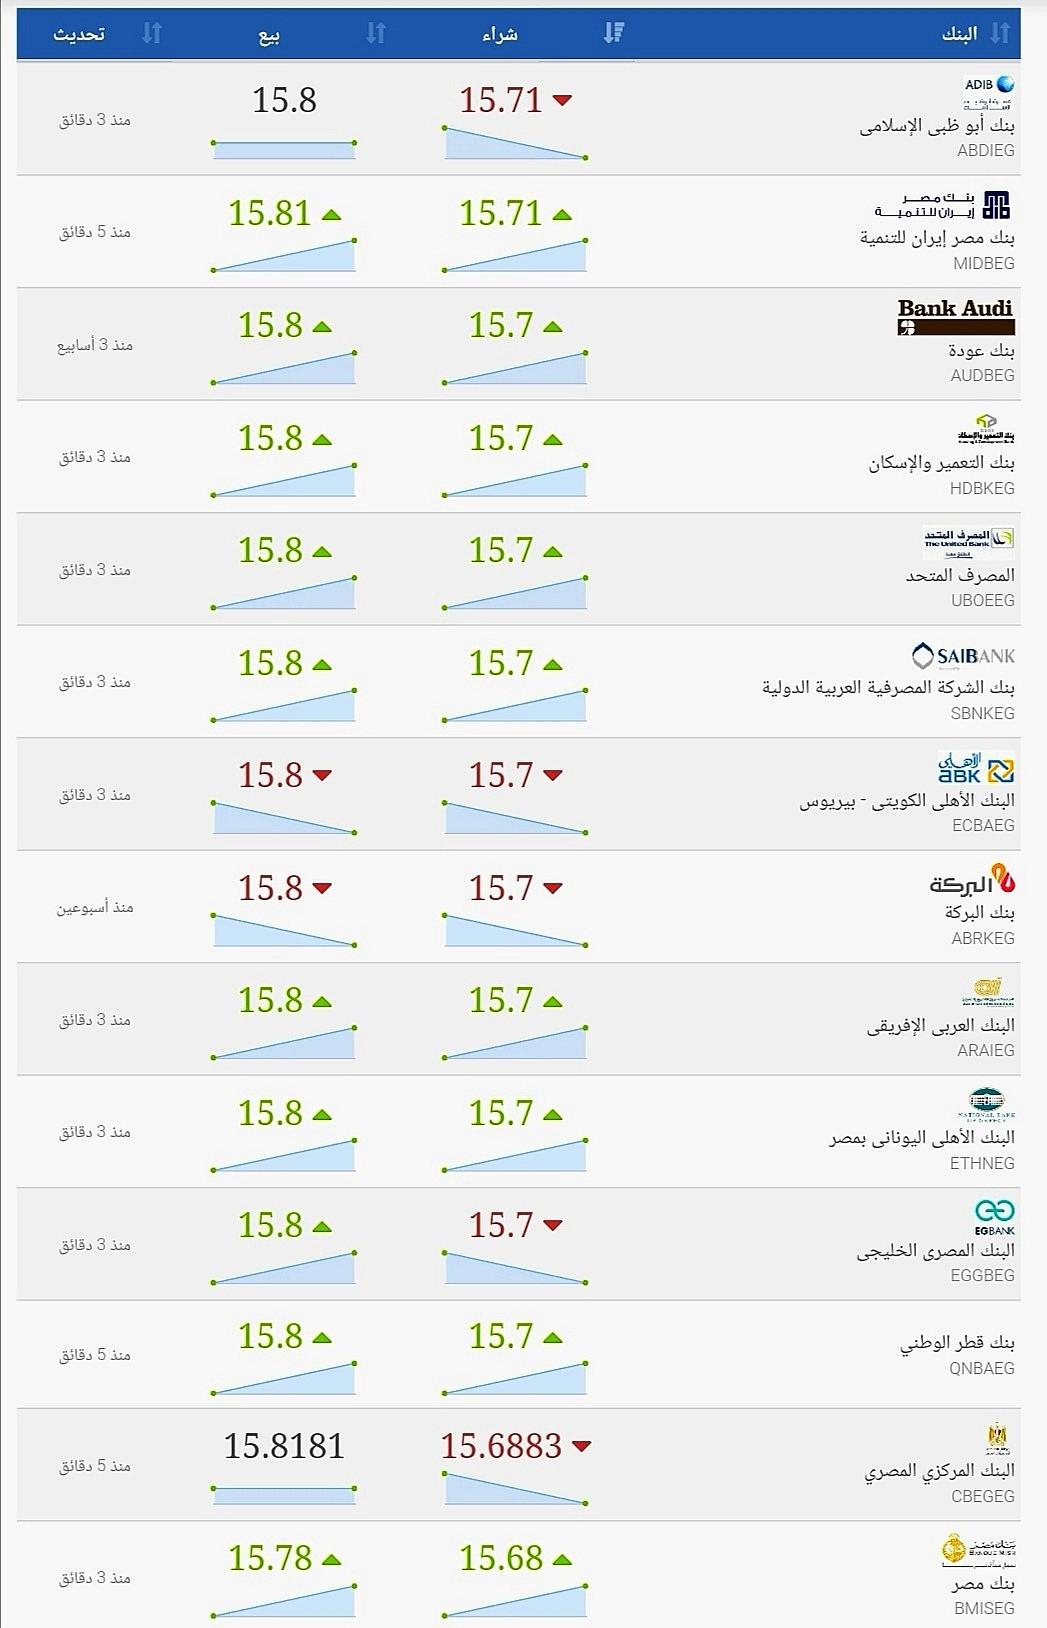 سعار الدولار الان بالبنوك المصرية في مصر اليوم الجمعة ١٠ أبريل ٢٠٢٠